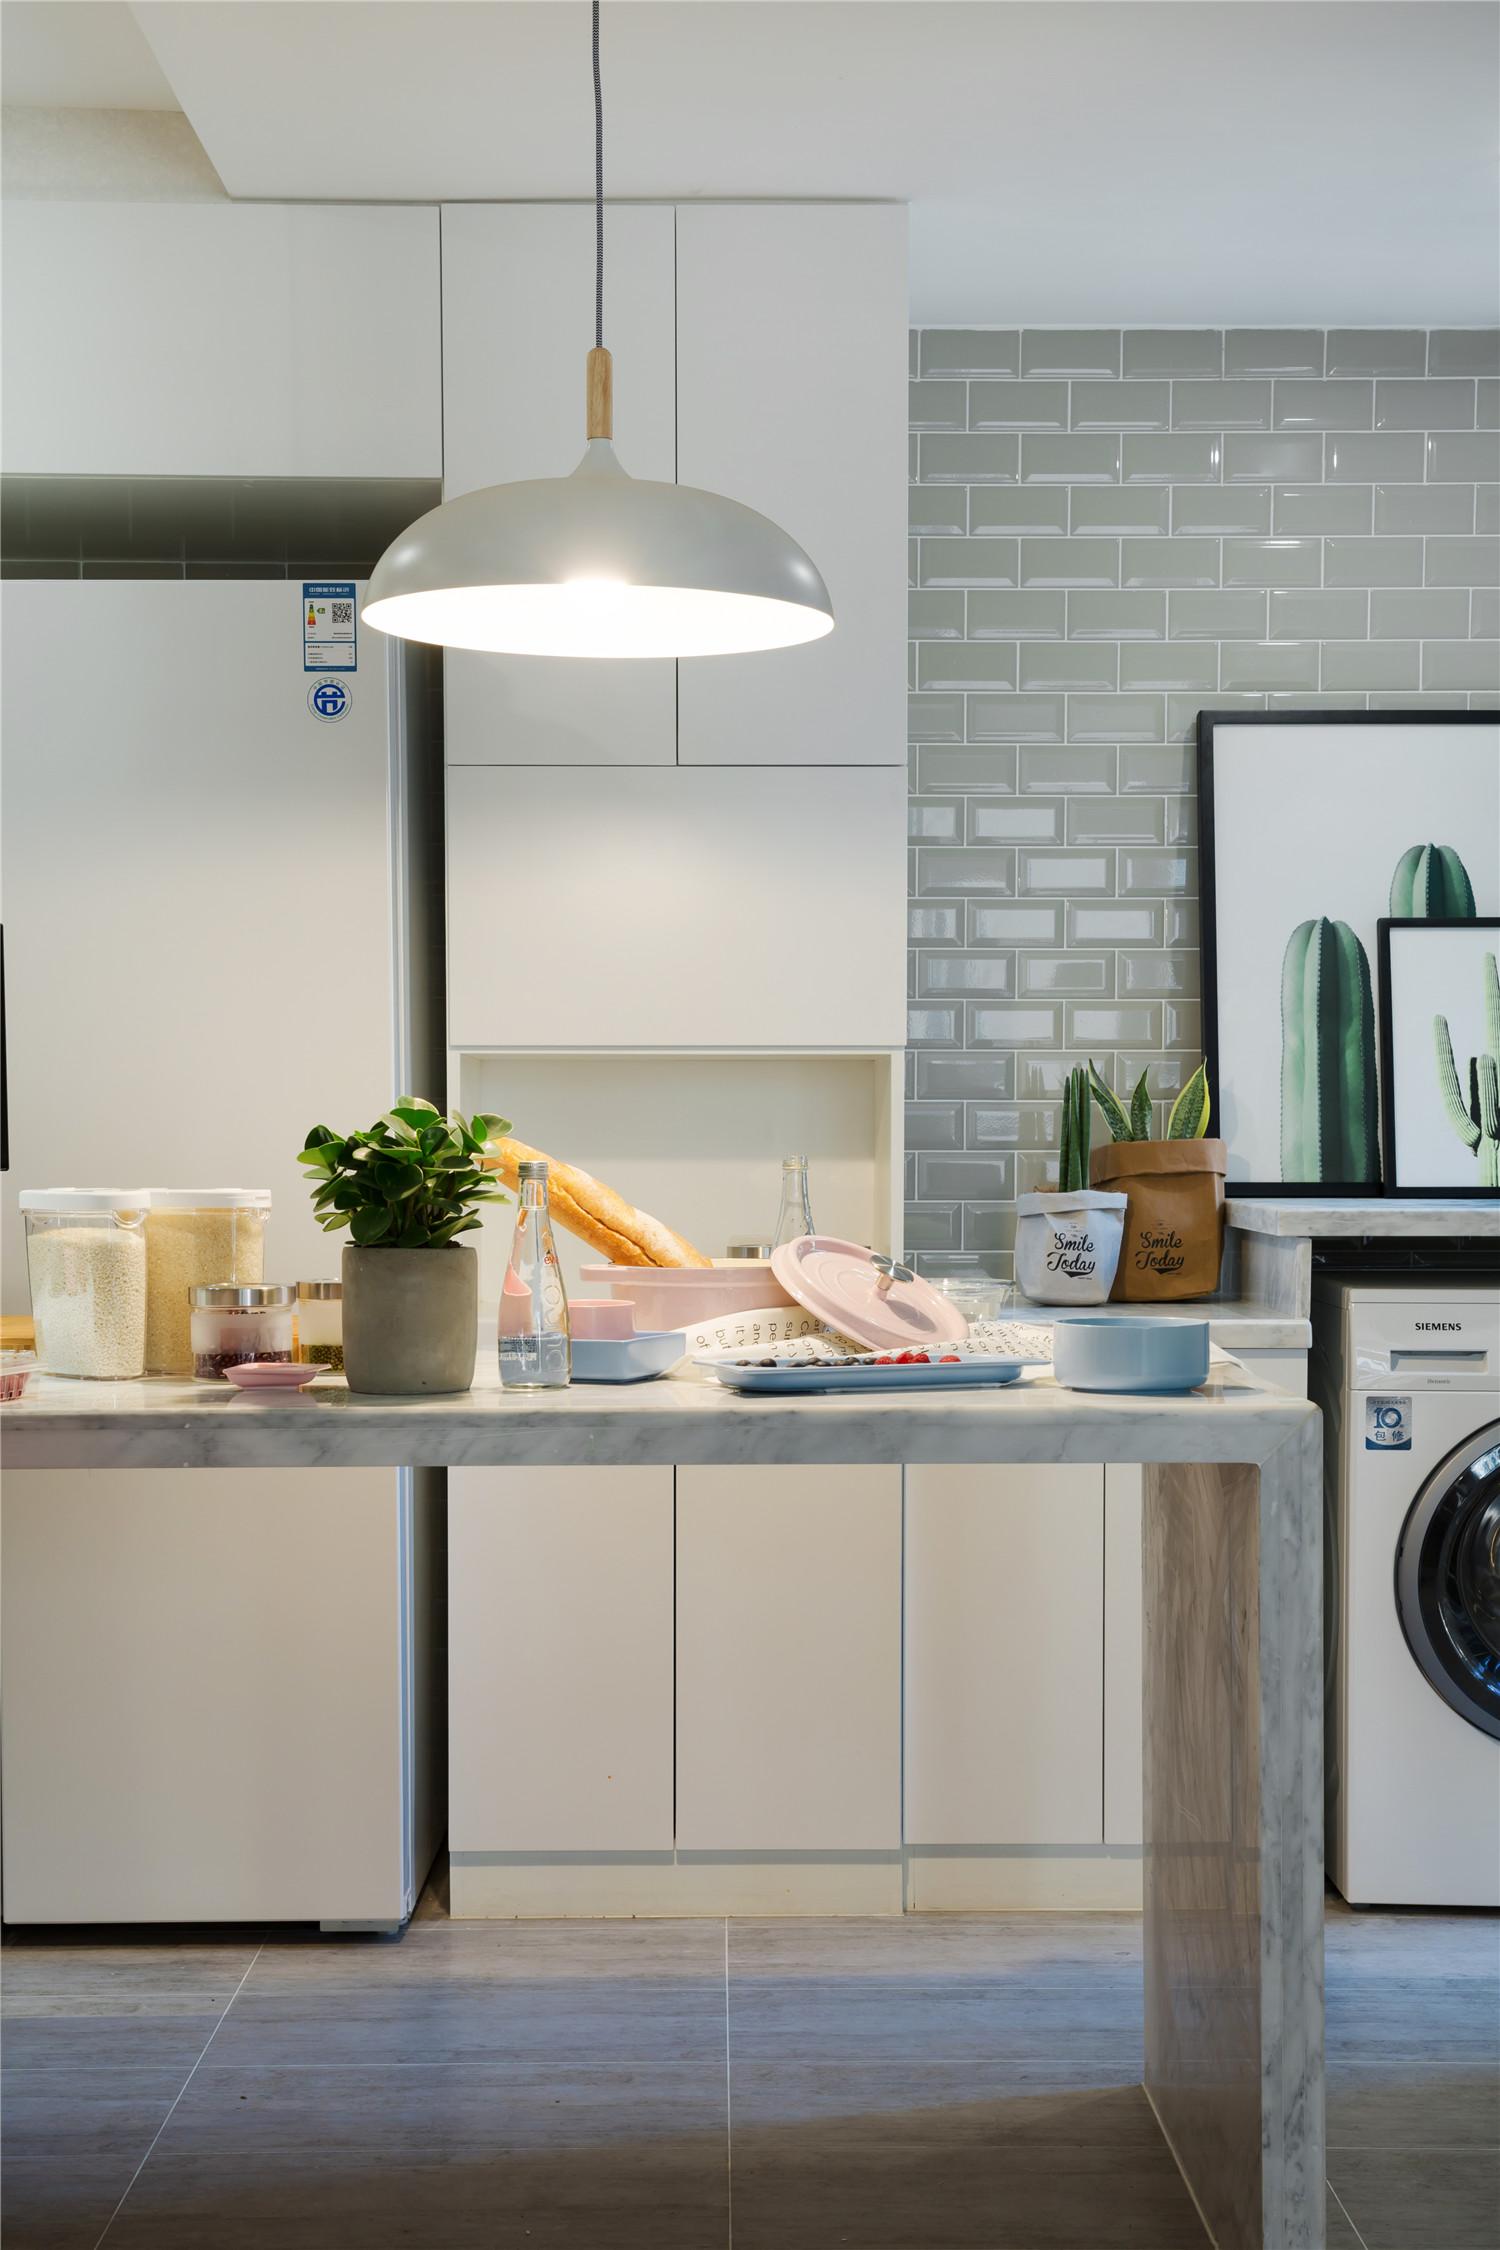 78㎡小户型装修厨房设计图